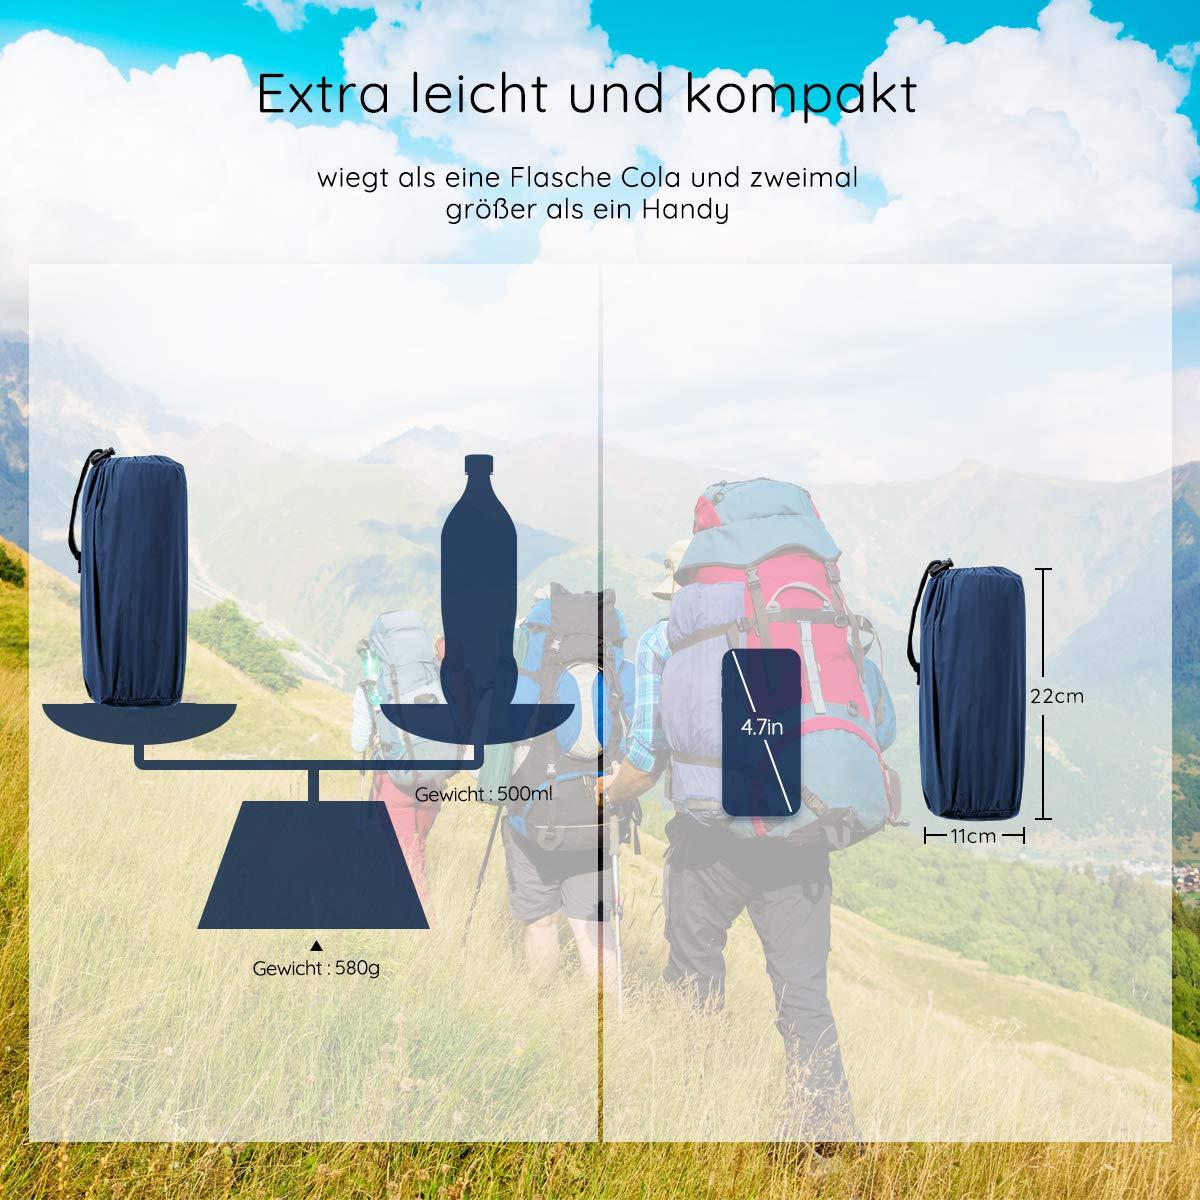 2019 Neues Innovatives Design Isomatte f/ür Outdoor,Strand,Trekking und Backpacking,200cm L/änge-Olivgr/ün//Marineblau OGL Isomatte Camping Ultraleicht Schlafmatte Aufblasbare Luftmatratze f/ür Camping